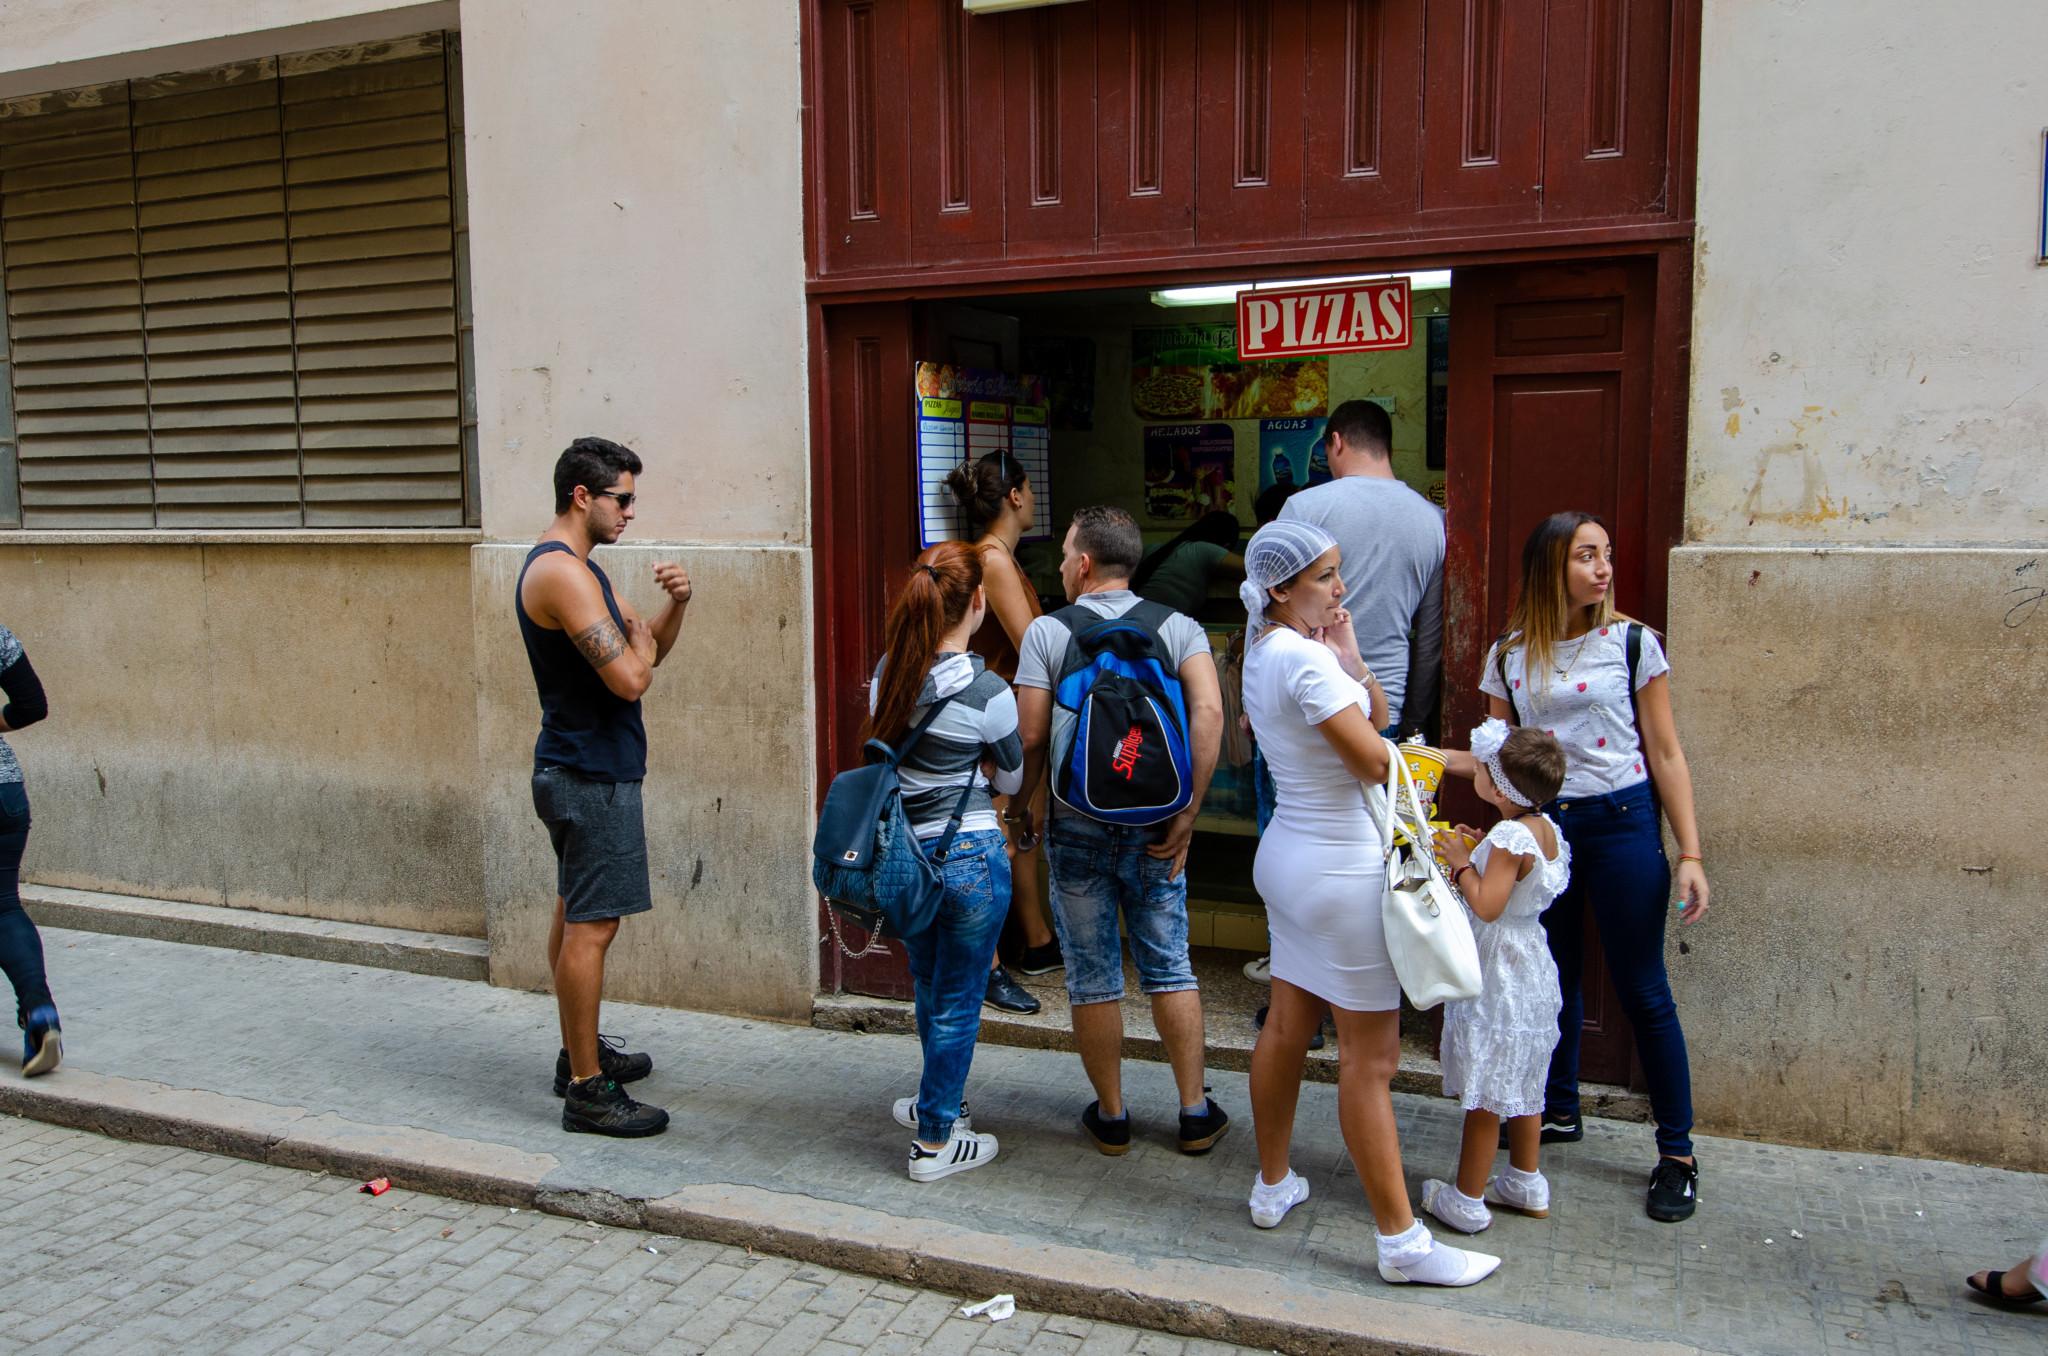 Anstehen für Pizza in Havanna